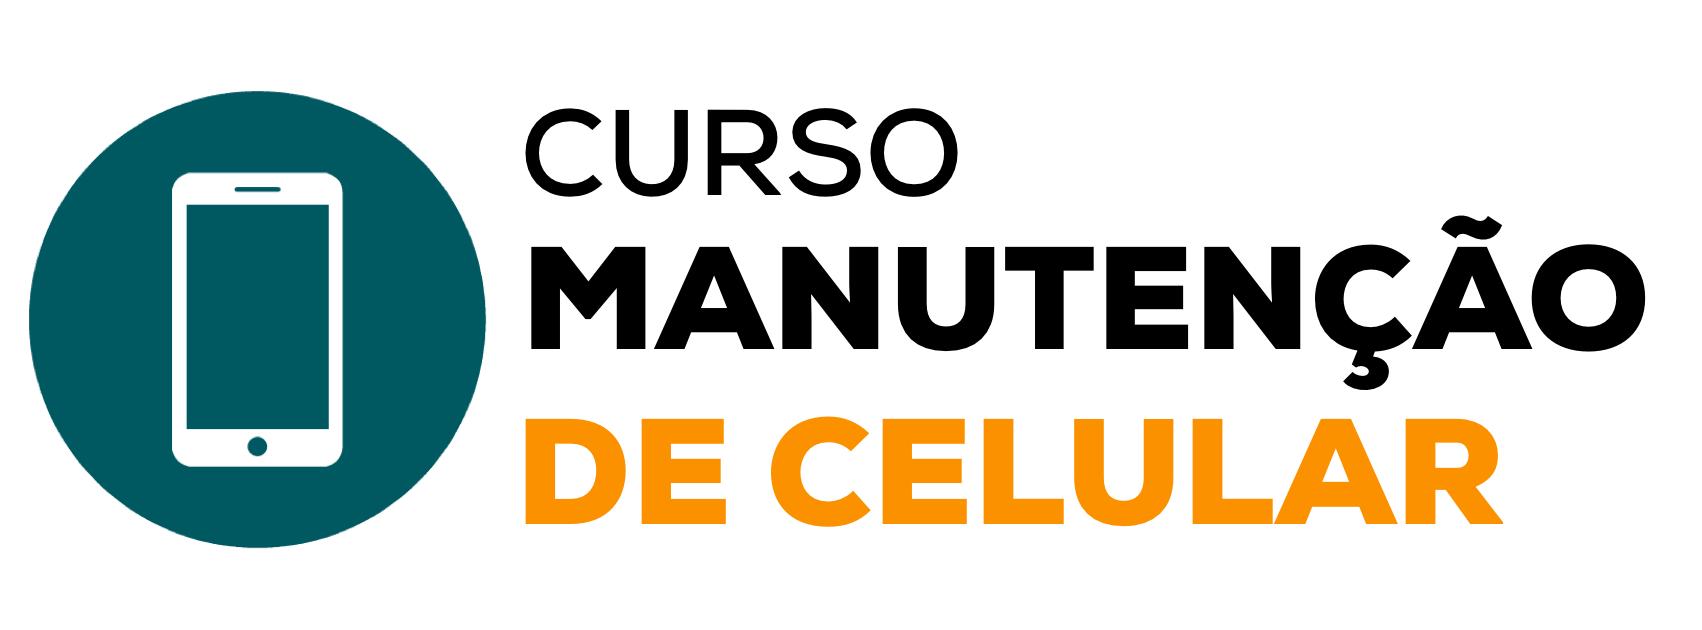 Banner - Curso de Manutenção de Celular